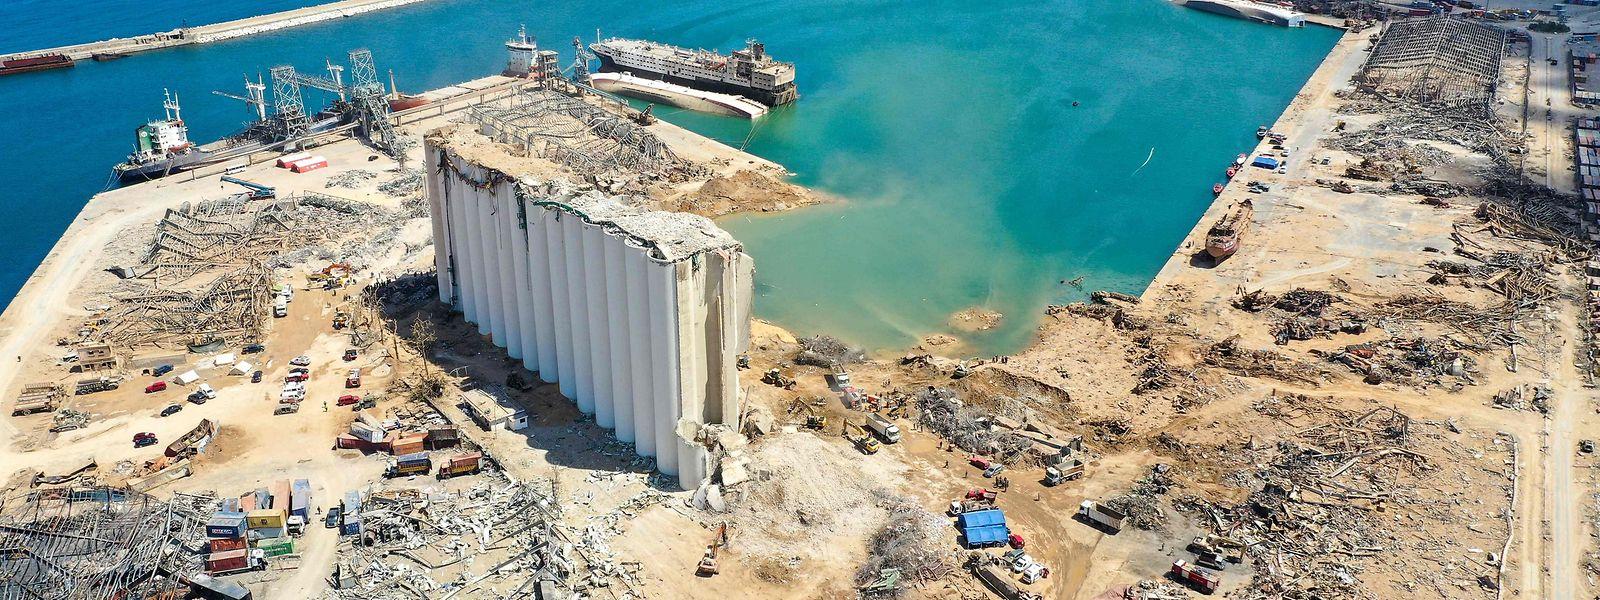 Blick auf den völlig zerstörten Hafen von Beirut.